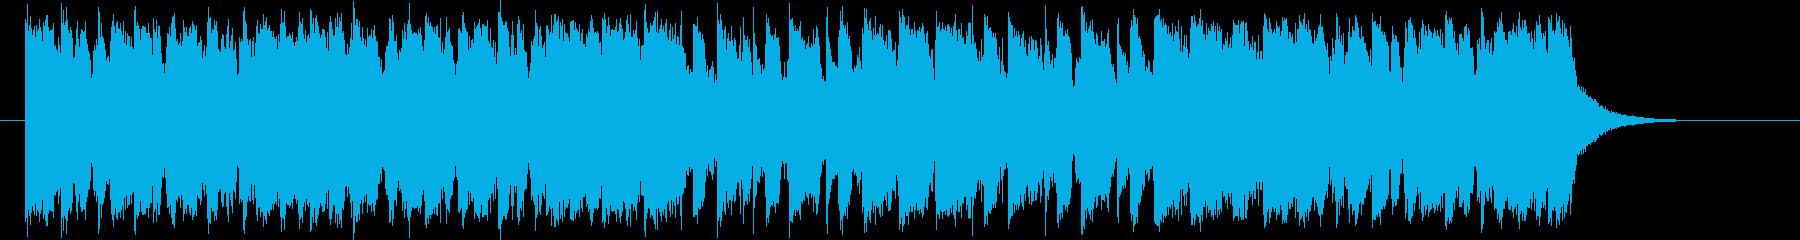 チャールストンのようなポップ曲の再生済みの波形